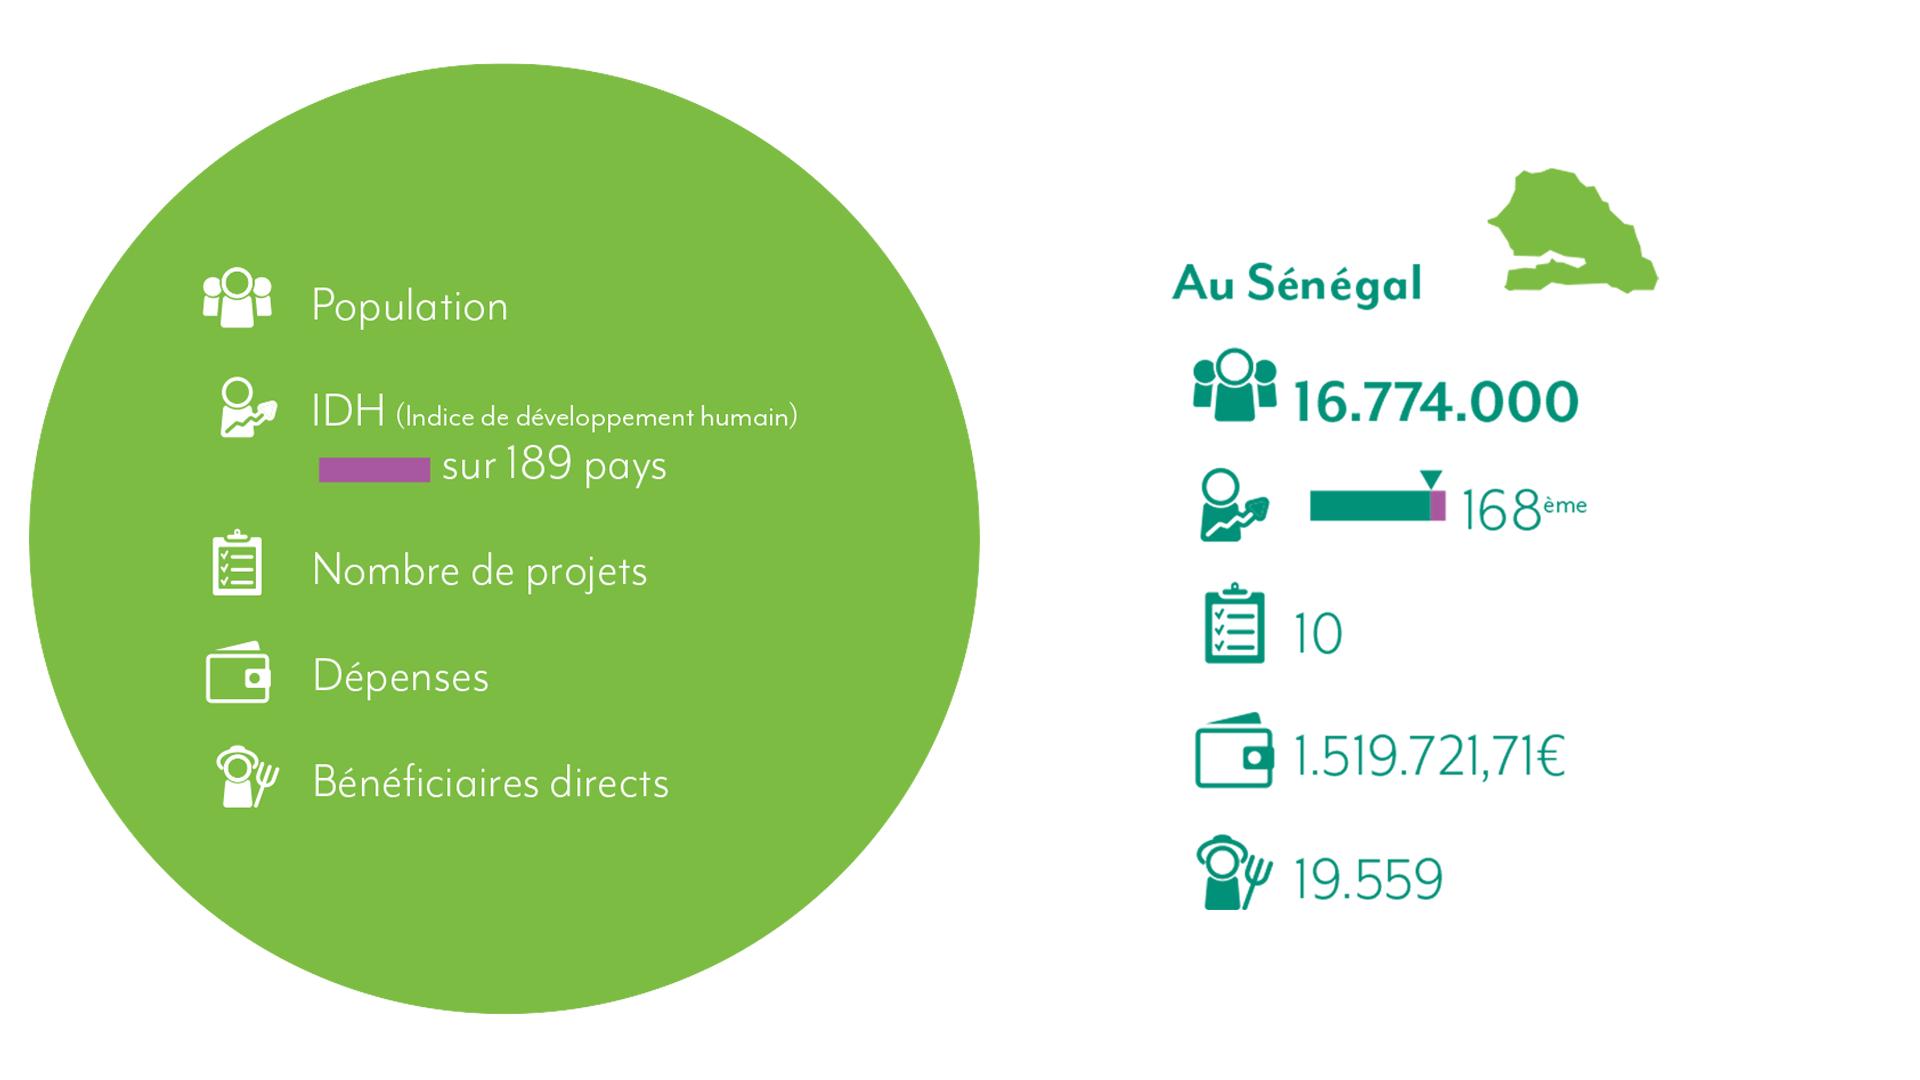 Chiffres Sénégal 2021